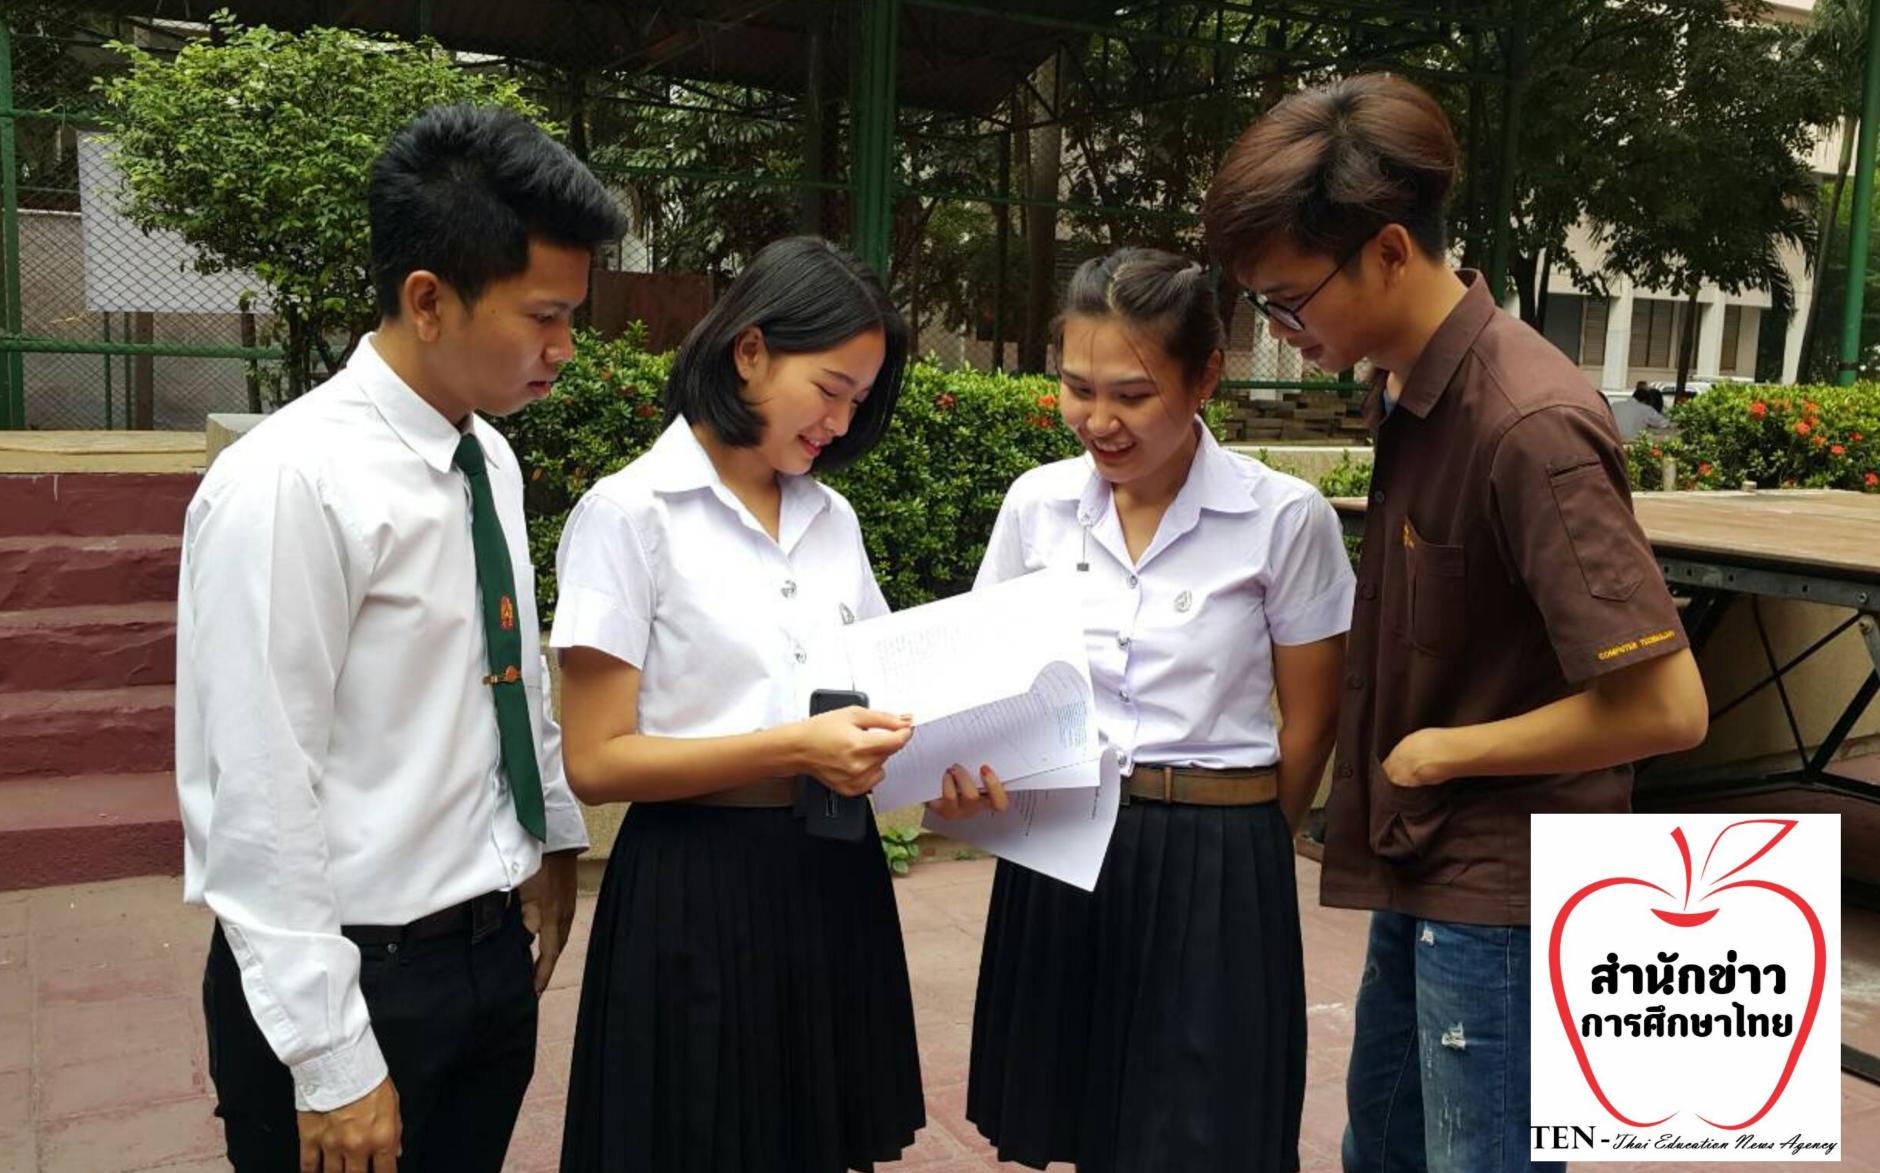 มจพ. สร้างบัณฑิตพันธุ์ใหม่ เน้นสมรรถนะขั้นสูง ตอบโจทย์ปฏิรูปอุดมศึกษาไทย